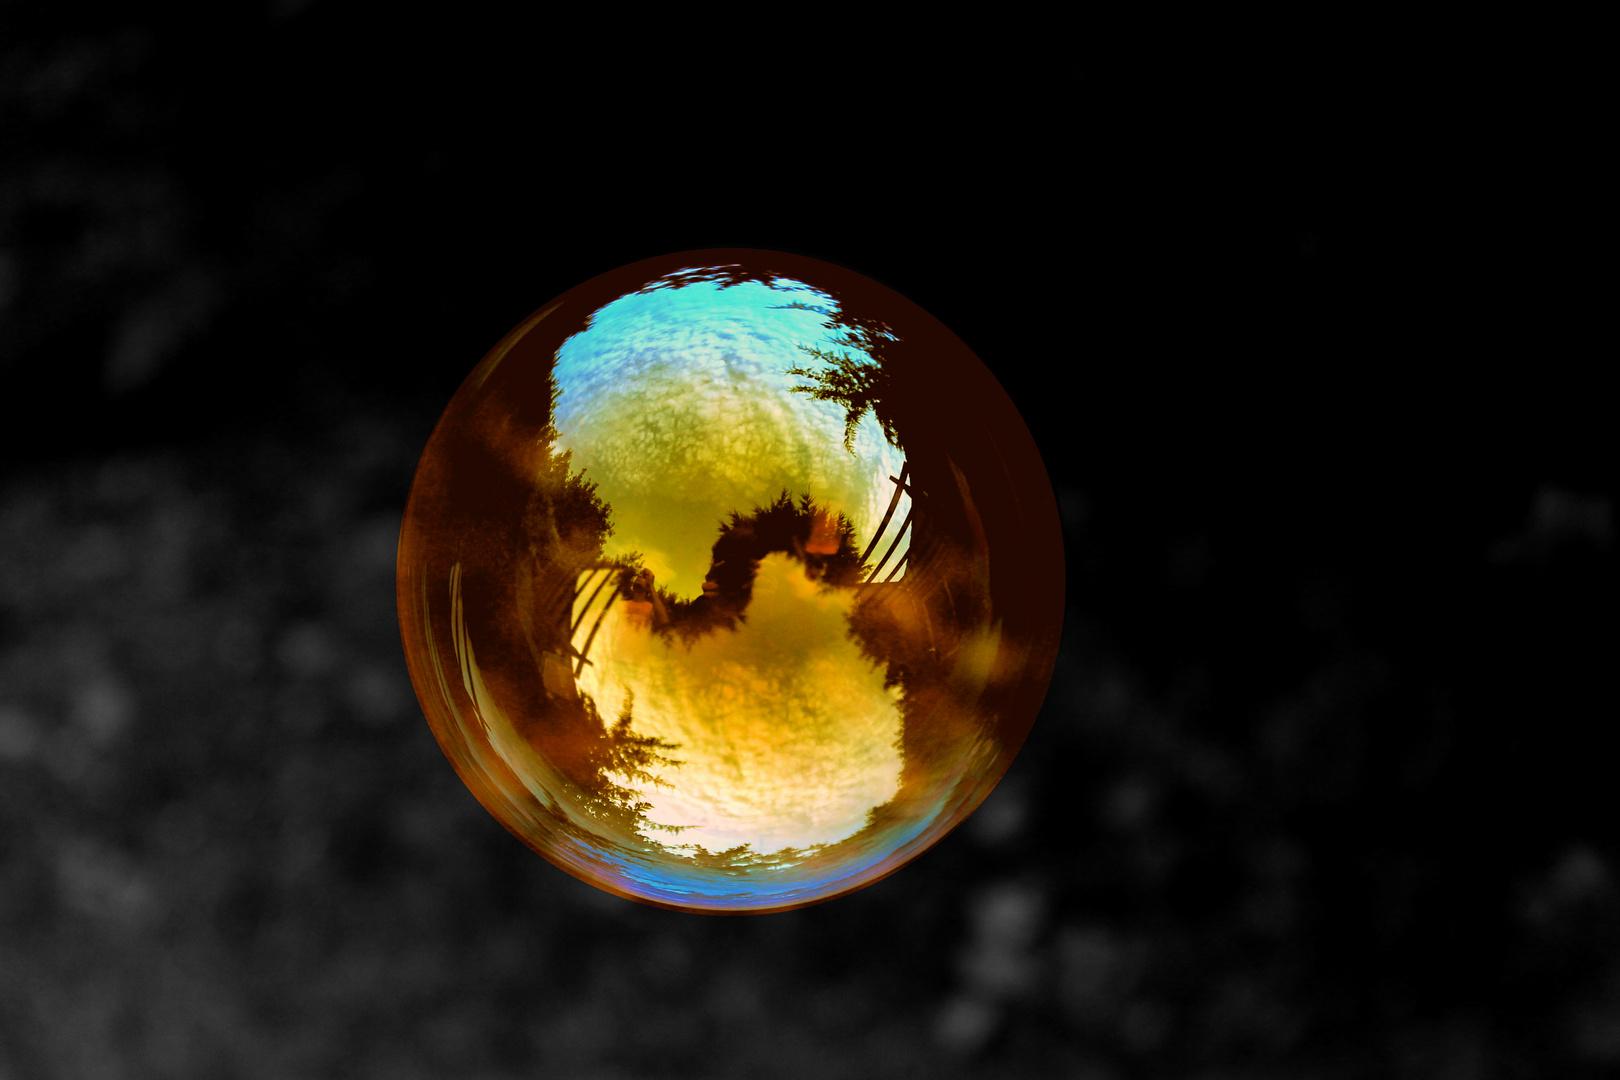 Seifenblasen - Farbspiel